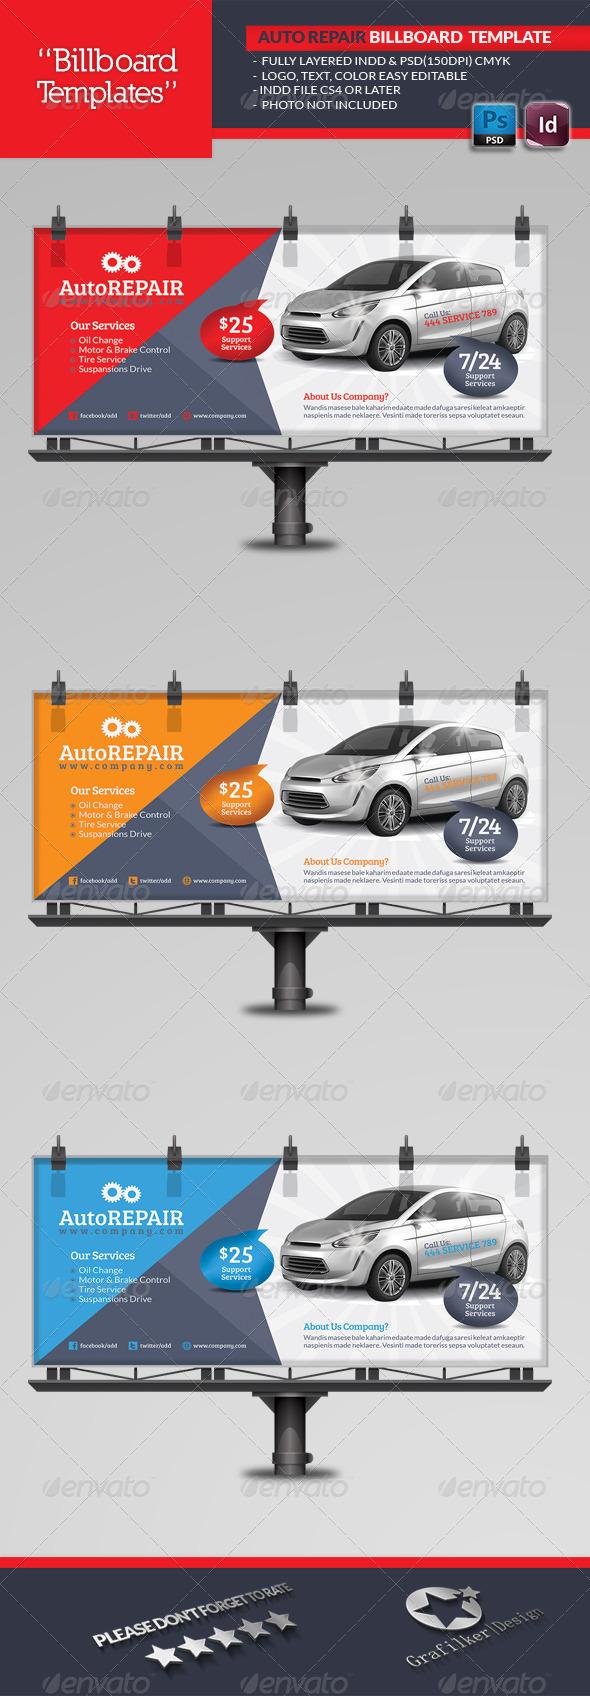 GraphicRiver Automobile Repair Billboard Template 5190434